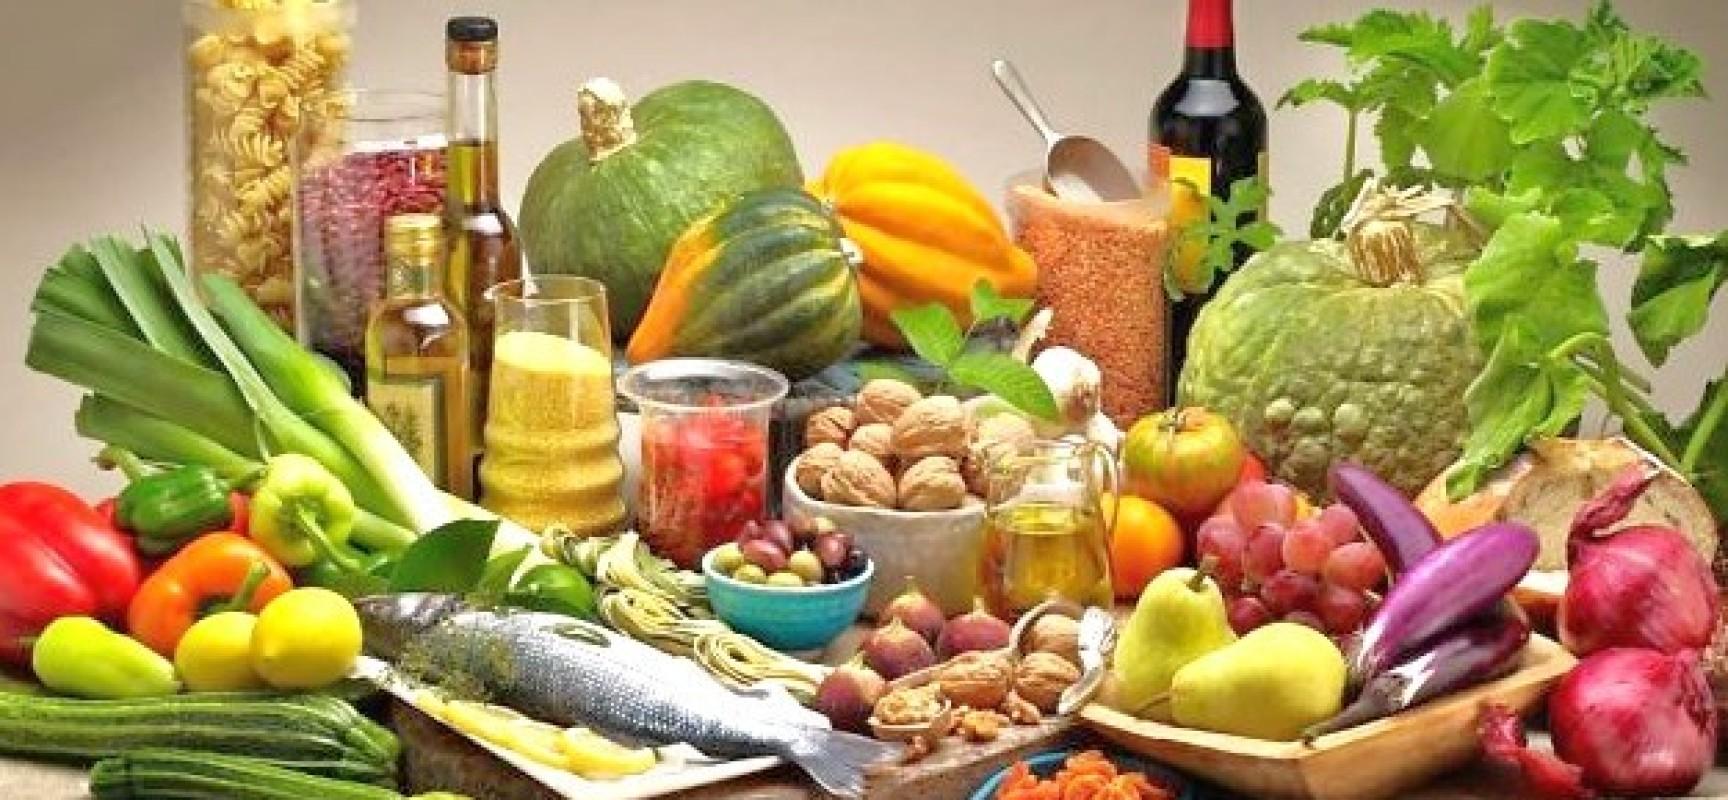 la dieta previene il cancro al colonna